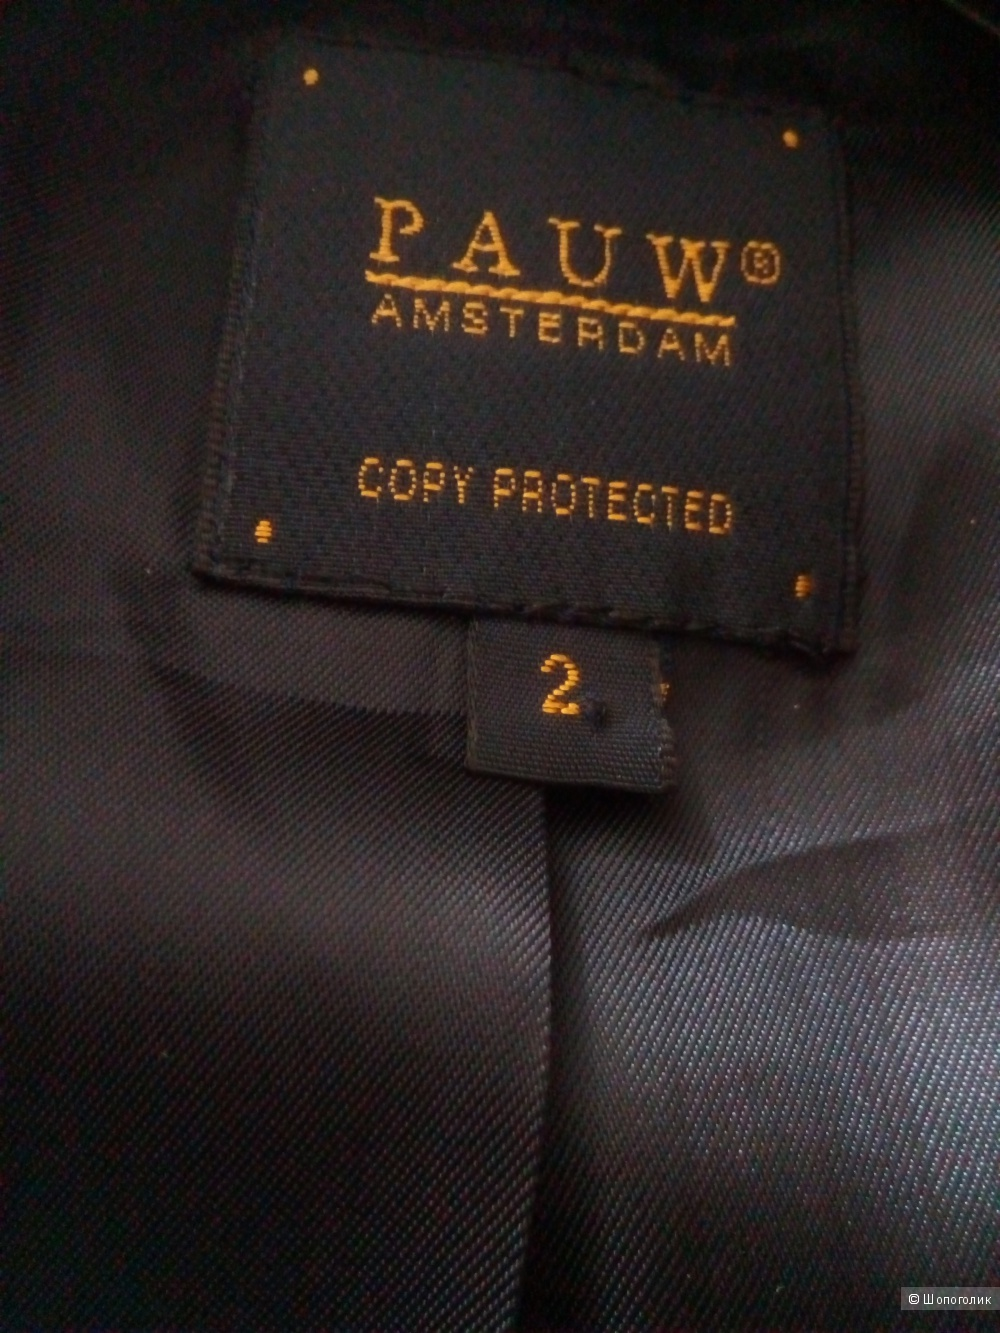 Пиджак PAUW, размер М